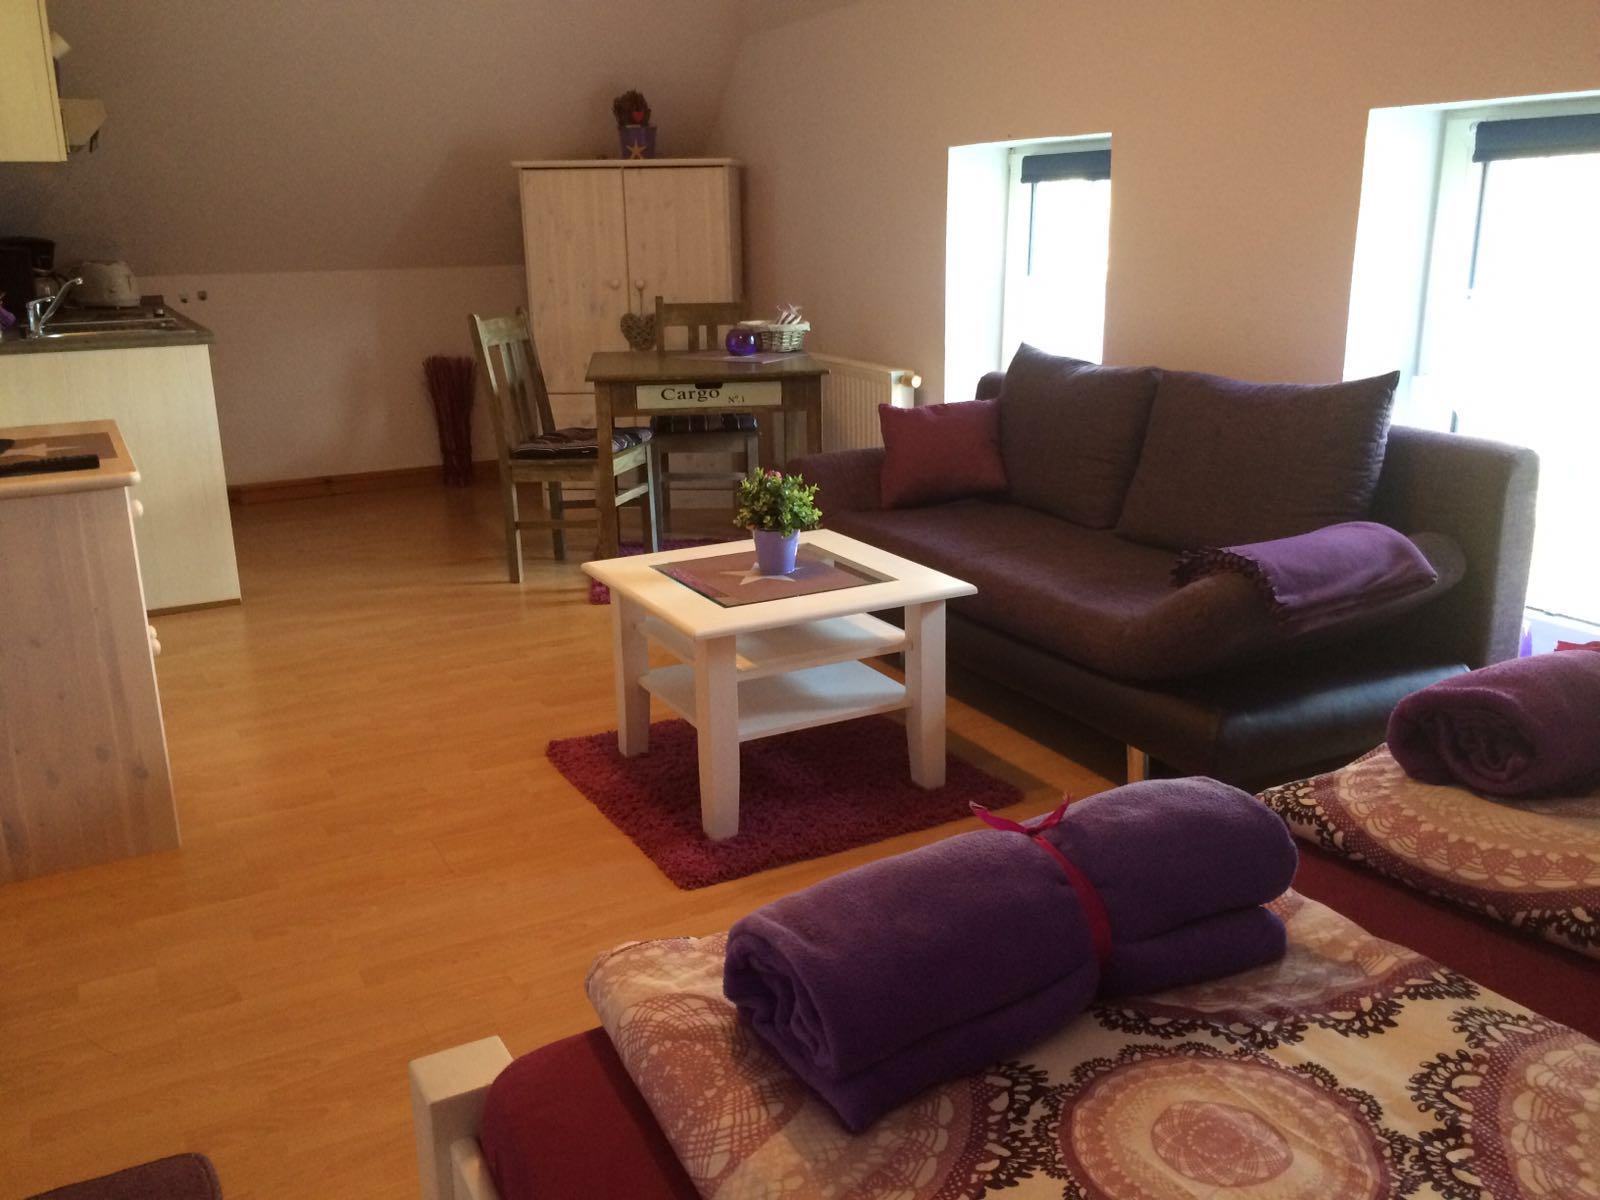 Haus Friesenglück in Kolkerheide, Nordfriesland – Ferienwohnungen und Ferienapartments – Ferienapartment 4 (purple) – Innenansicht 3